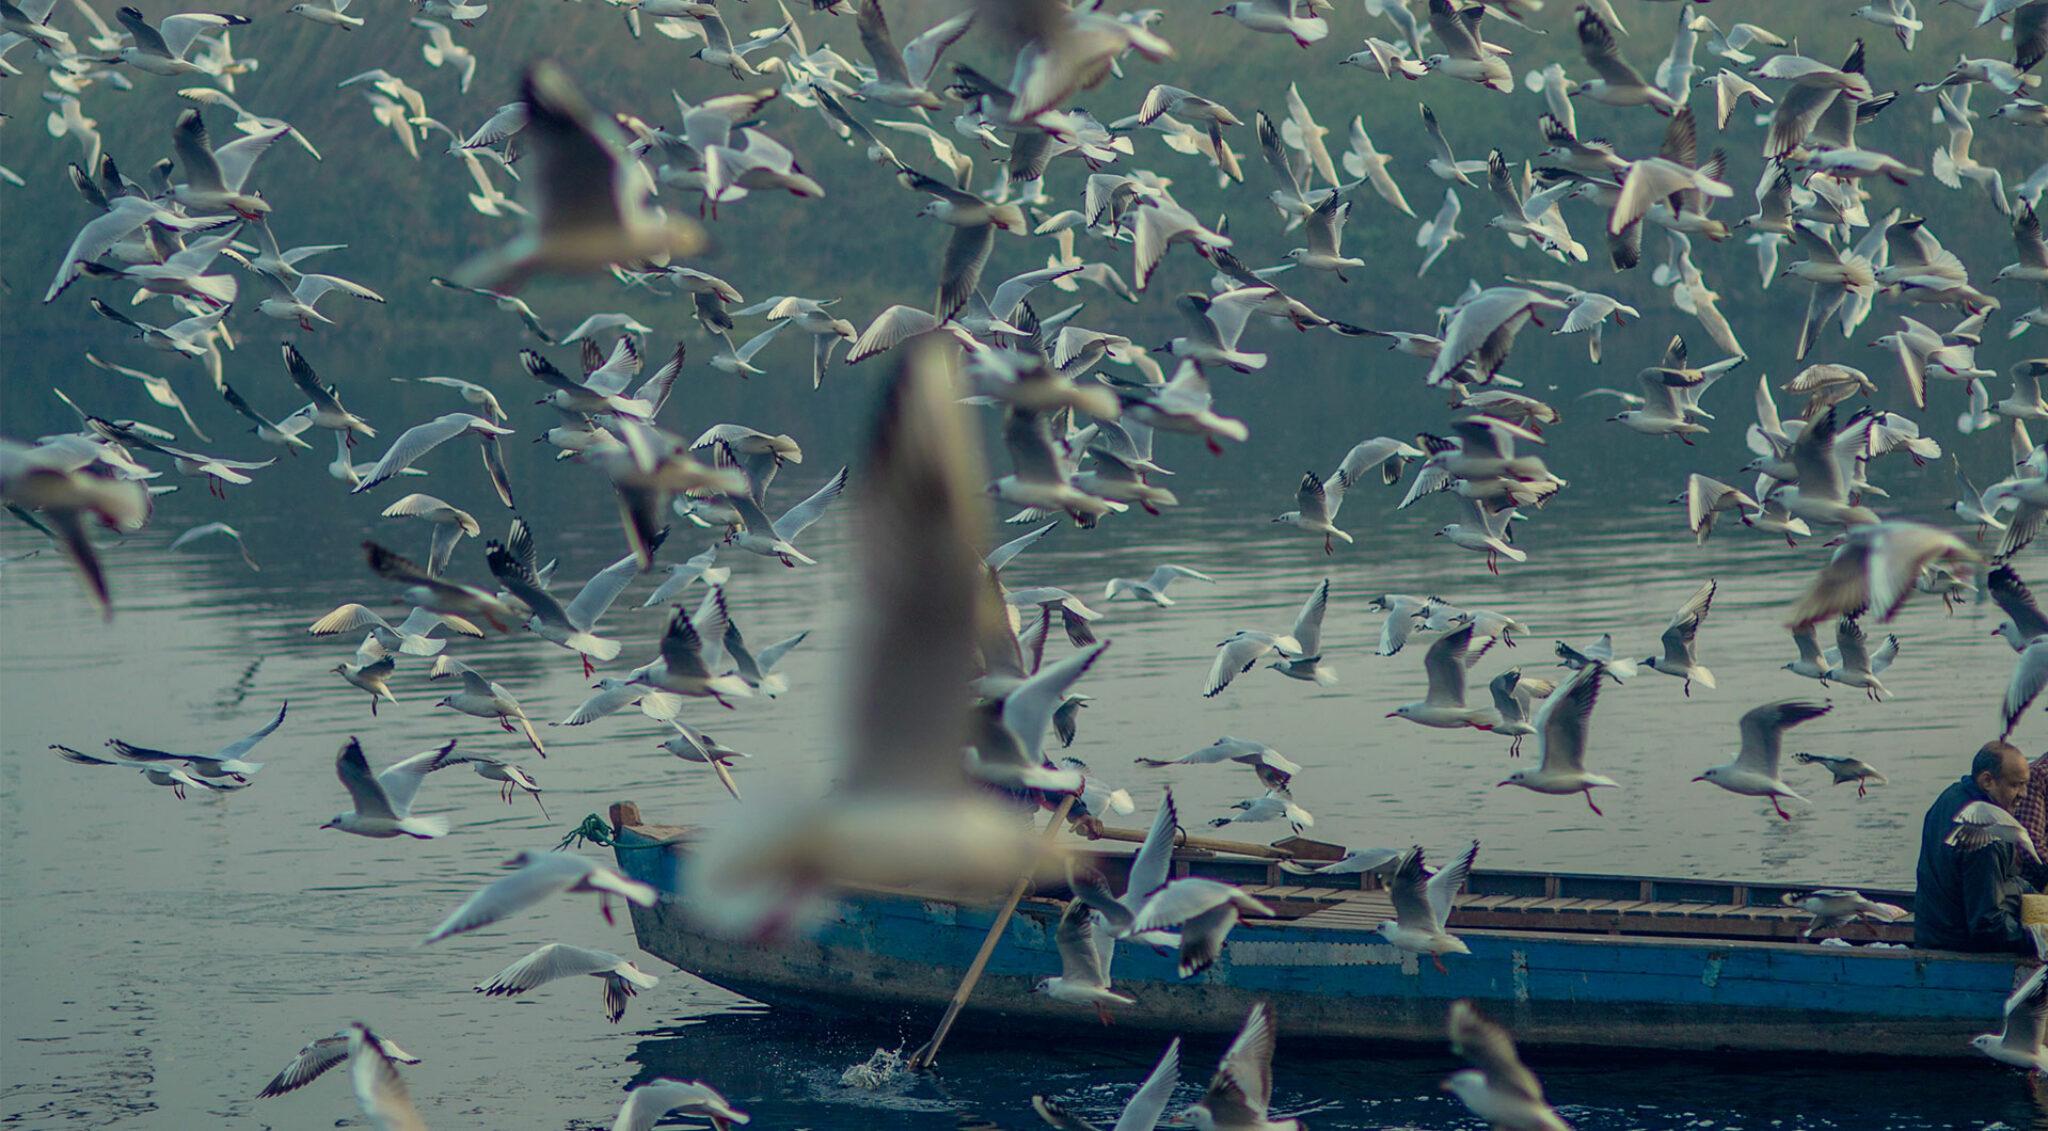 Ein Schwarm Vögel vor einem Boot.